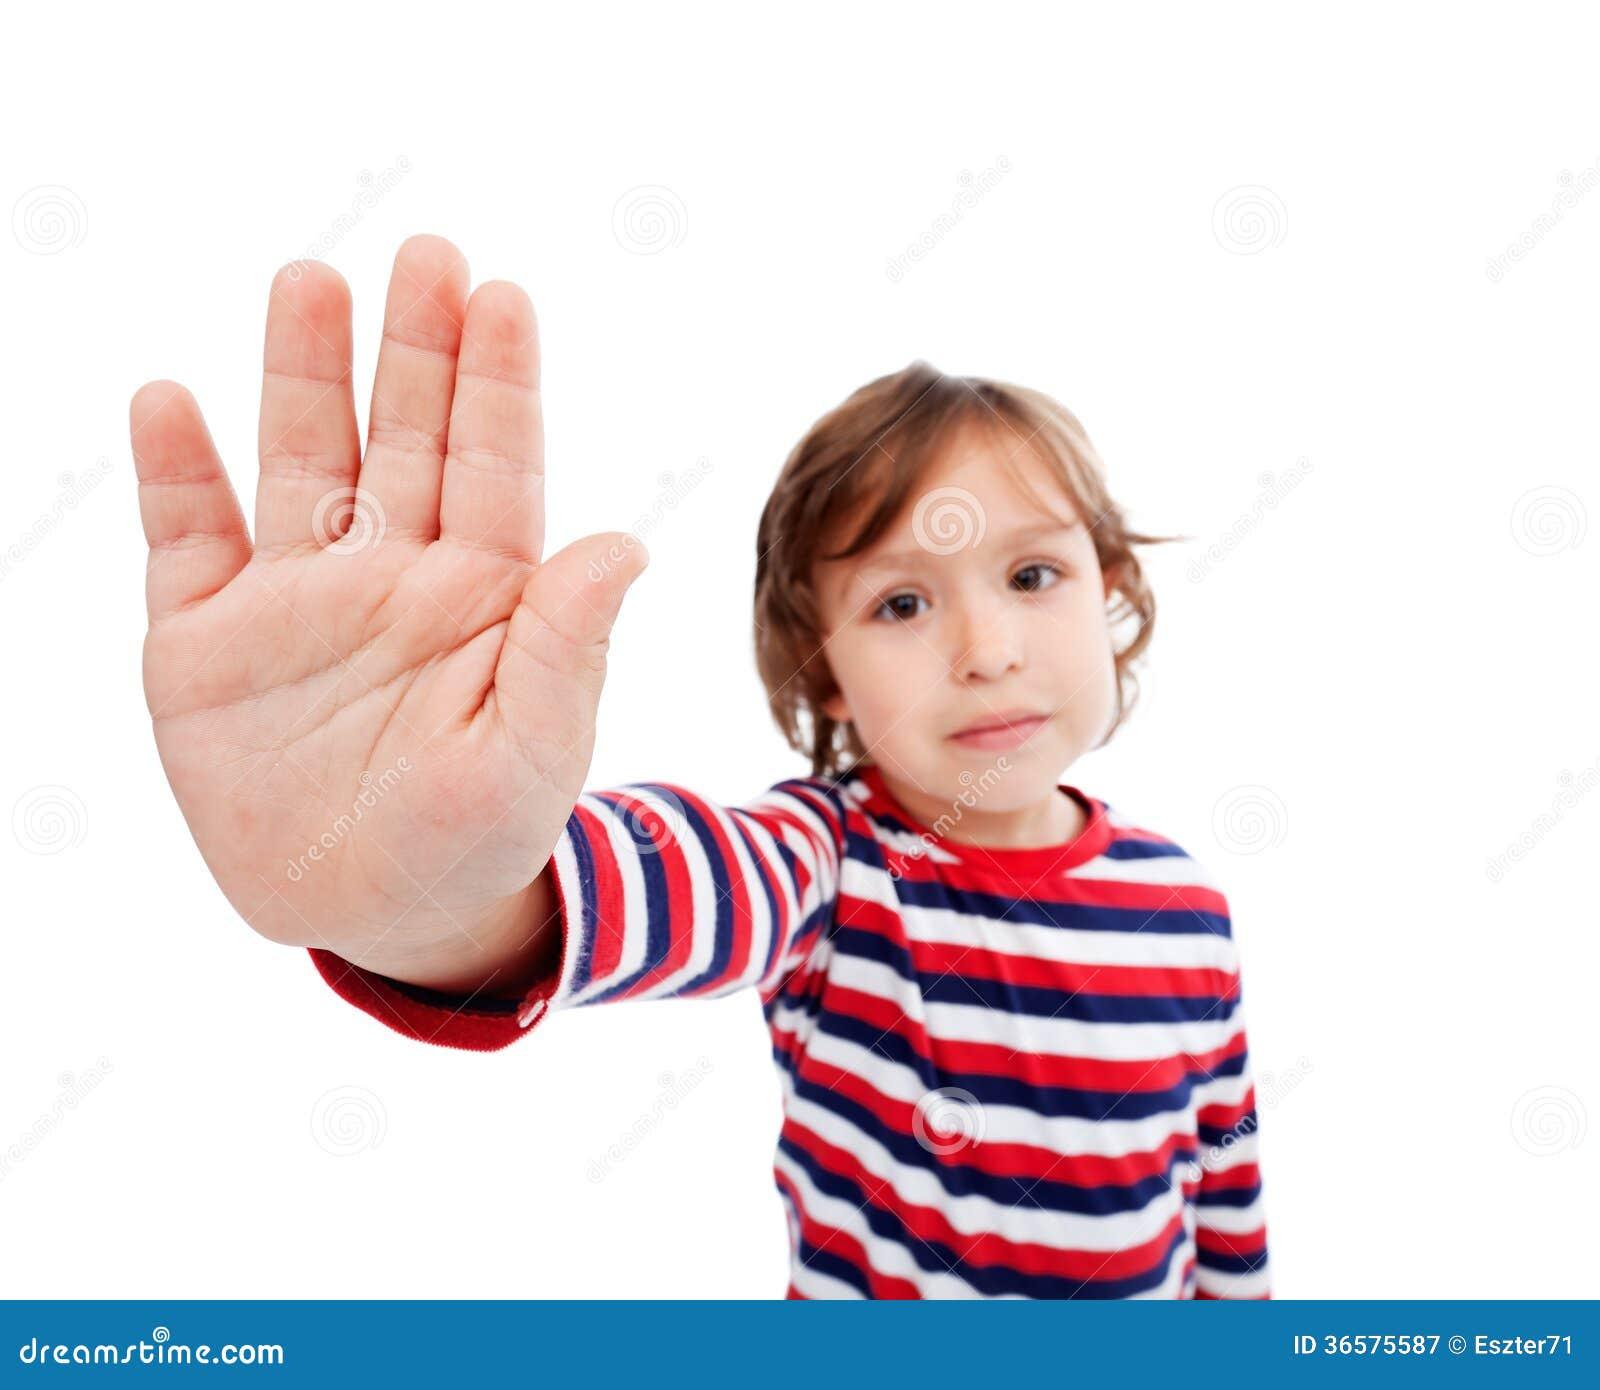 little boy refusing something stock image